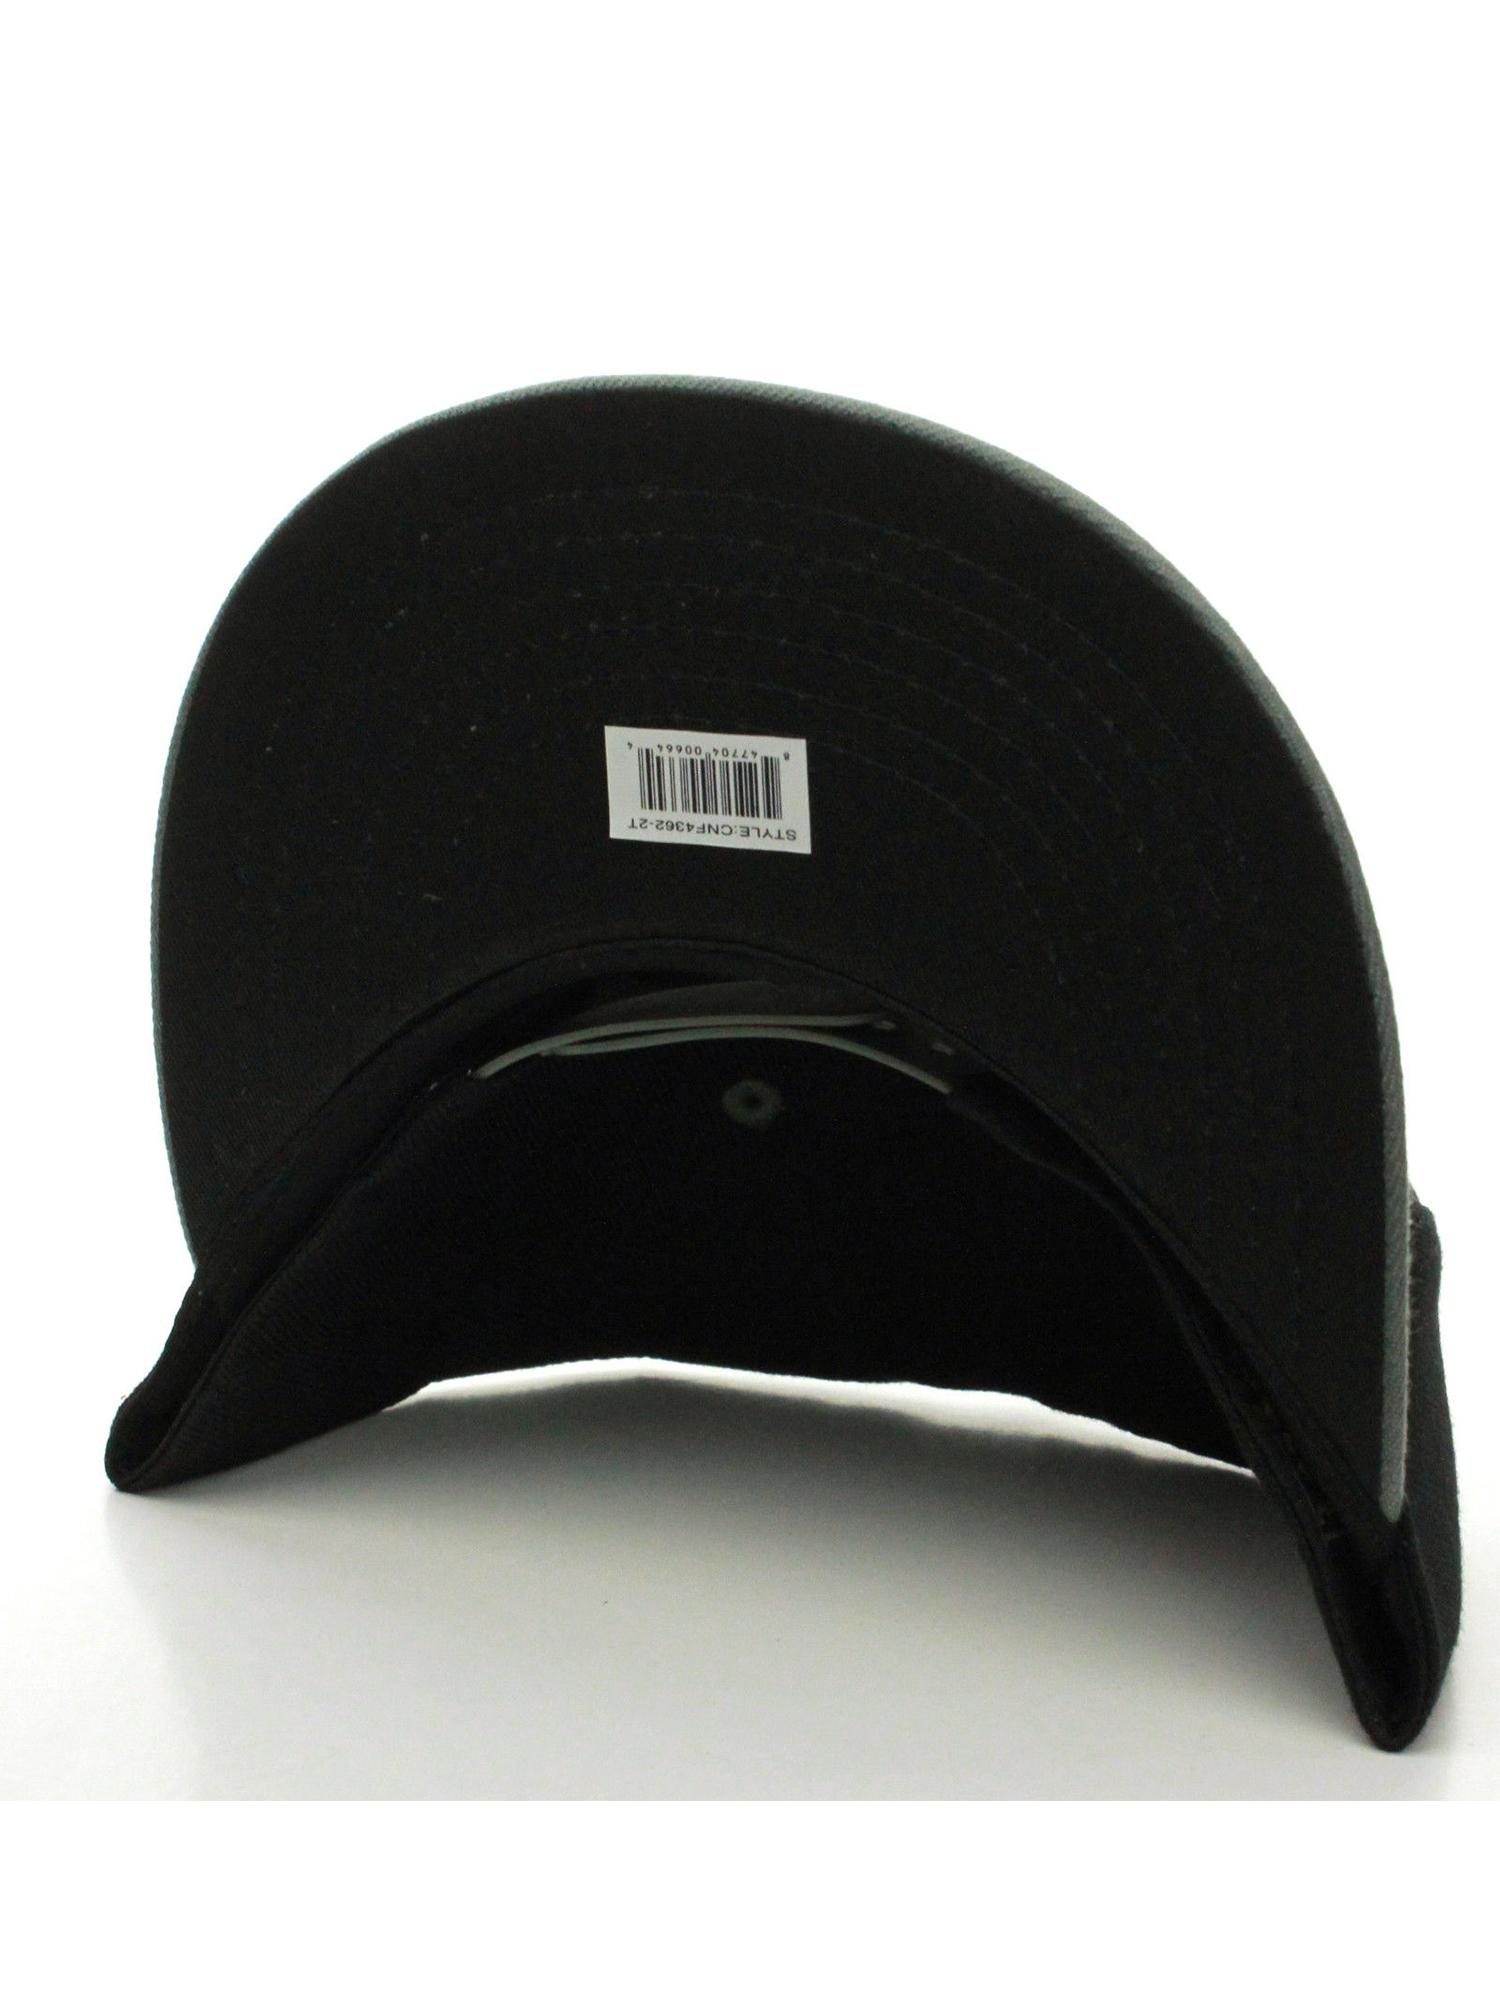 3541ba84942 D I Classic Blank Snapback Flat Bill Visor Hat Cap w Adjustable Snap ...